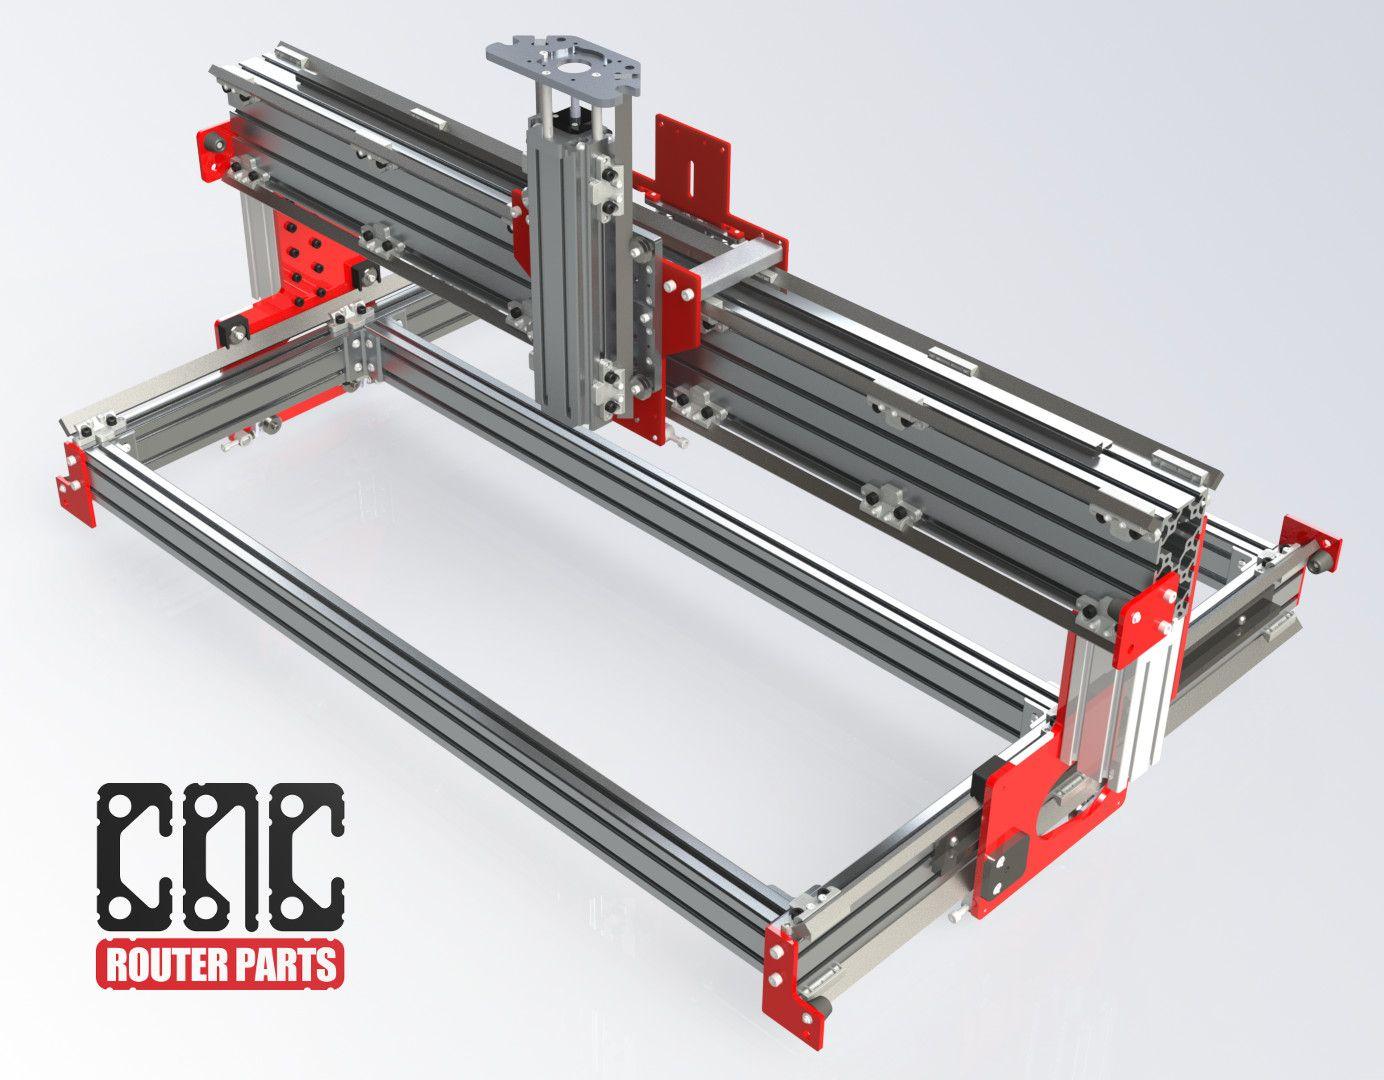 PRO4824 4' x 2' CNC Router Kit CNC, Milling, Lathes